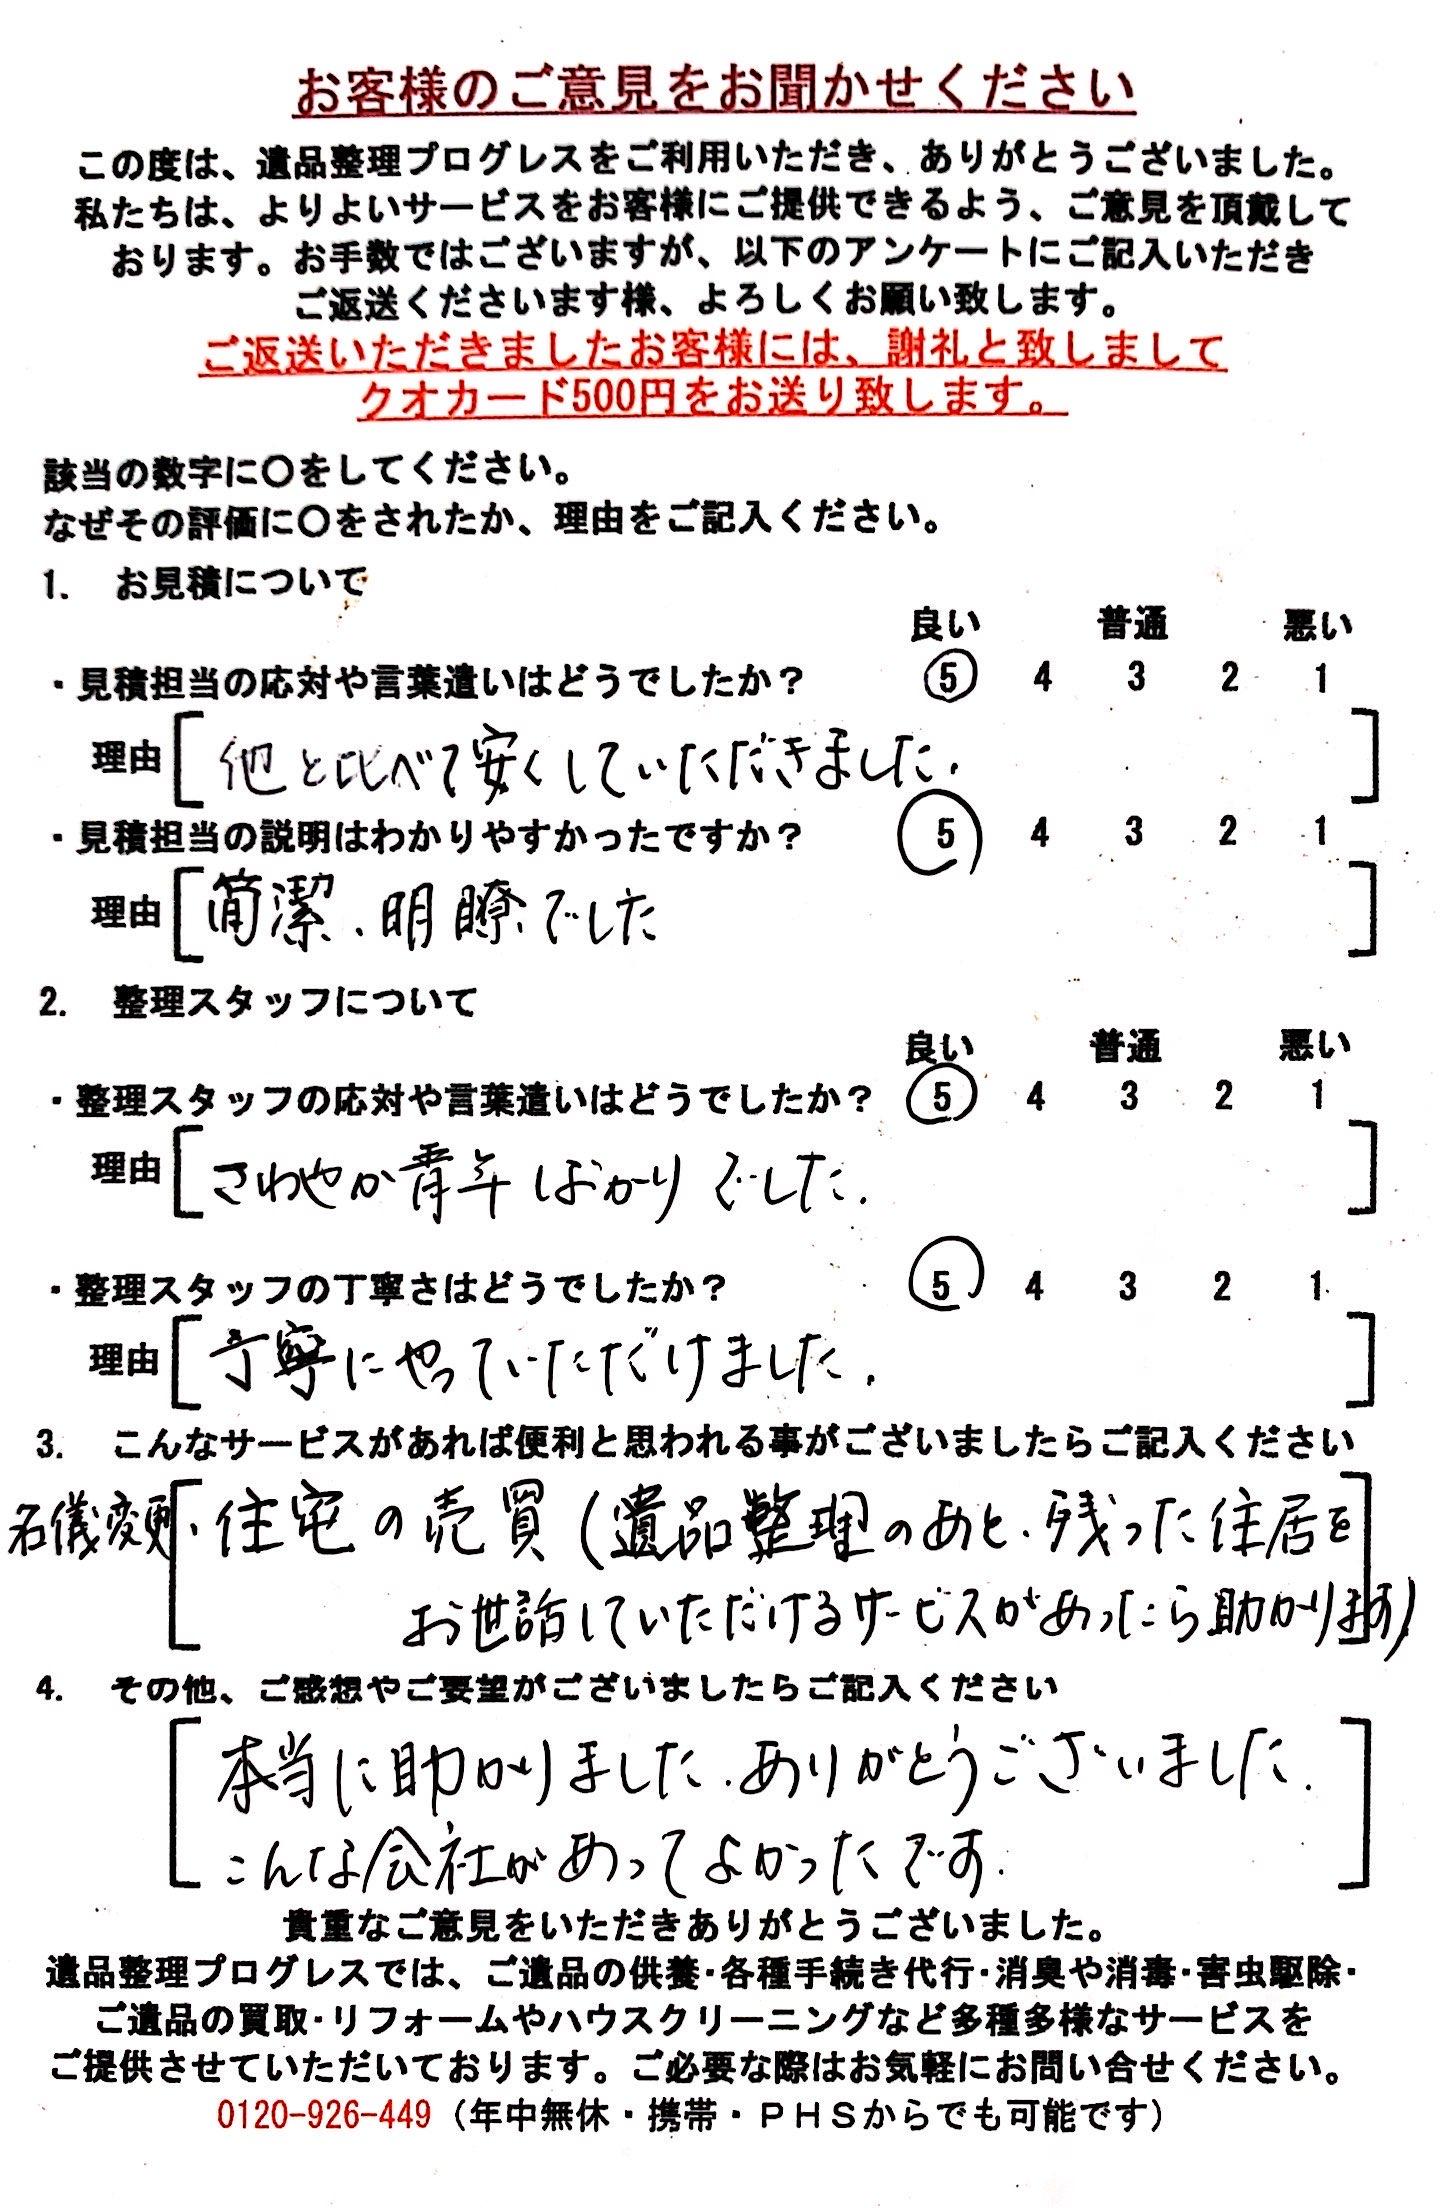 H・T様 静岡県尾張旭市のアンケート用紙